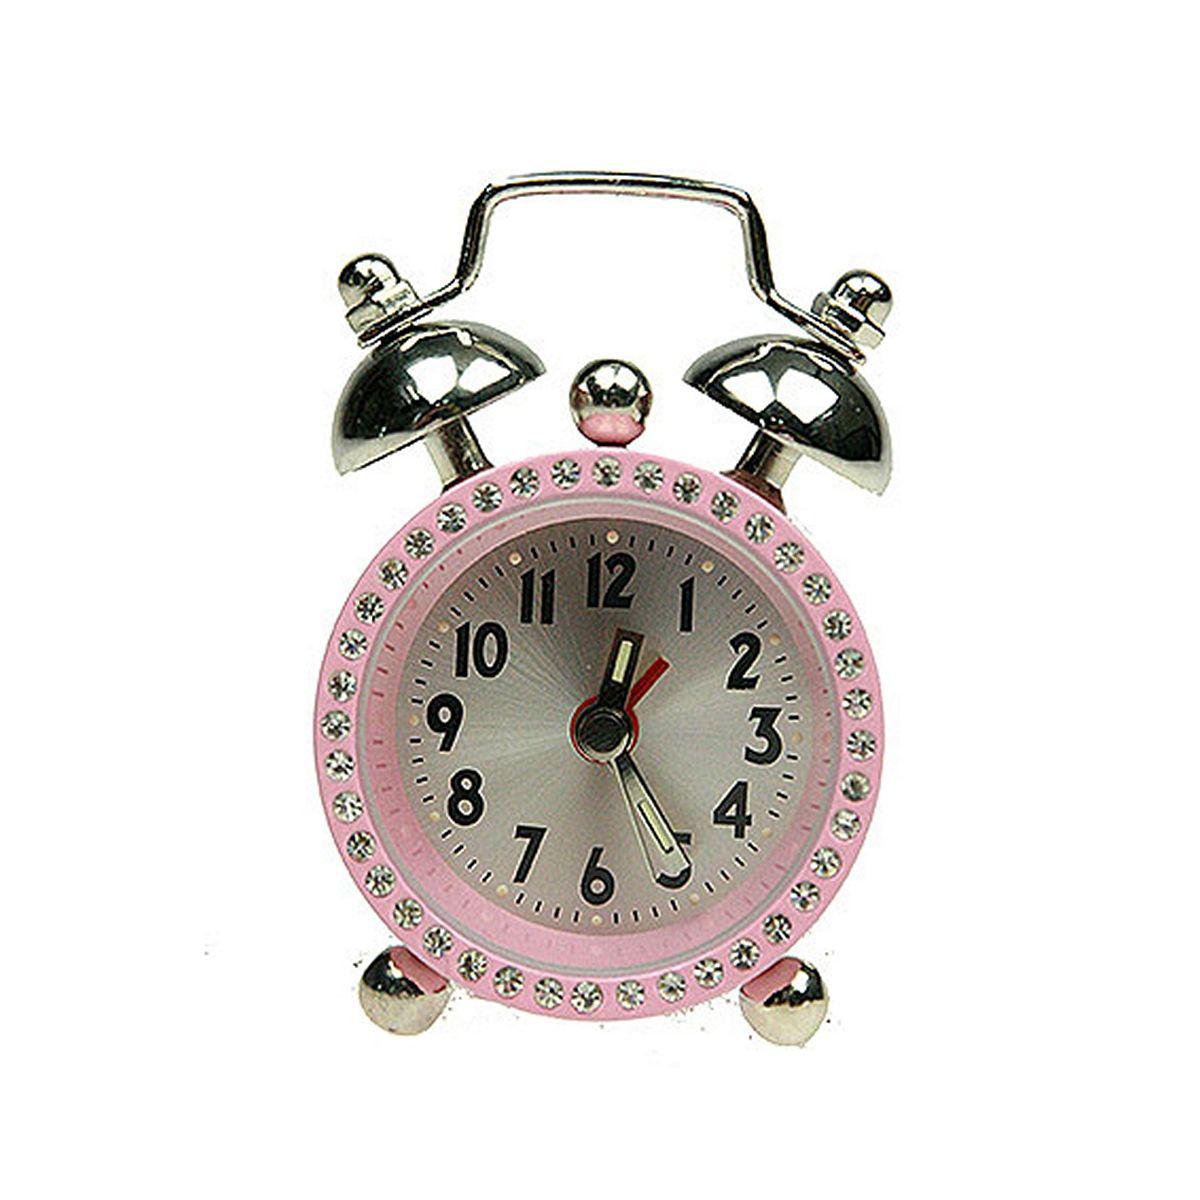 Часы настольные Русские Подарки Будильник. 2243422434Настольные кварцевые часы Русские Подарки Будильник изготовлены из металла. Корпус оформлен стразами. Часы имеют три стрелки - часовую, минутную и стрелку завода. Изящные часы красиво и оригинально украсят интерьер дома или рабочий стол в офисе. Также часы могут стать уникальным, полезным подарком для родственников, коллег, знакомых и близких. Часы работают от батареек типа SR626 (в комплект не входят).